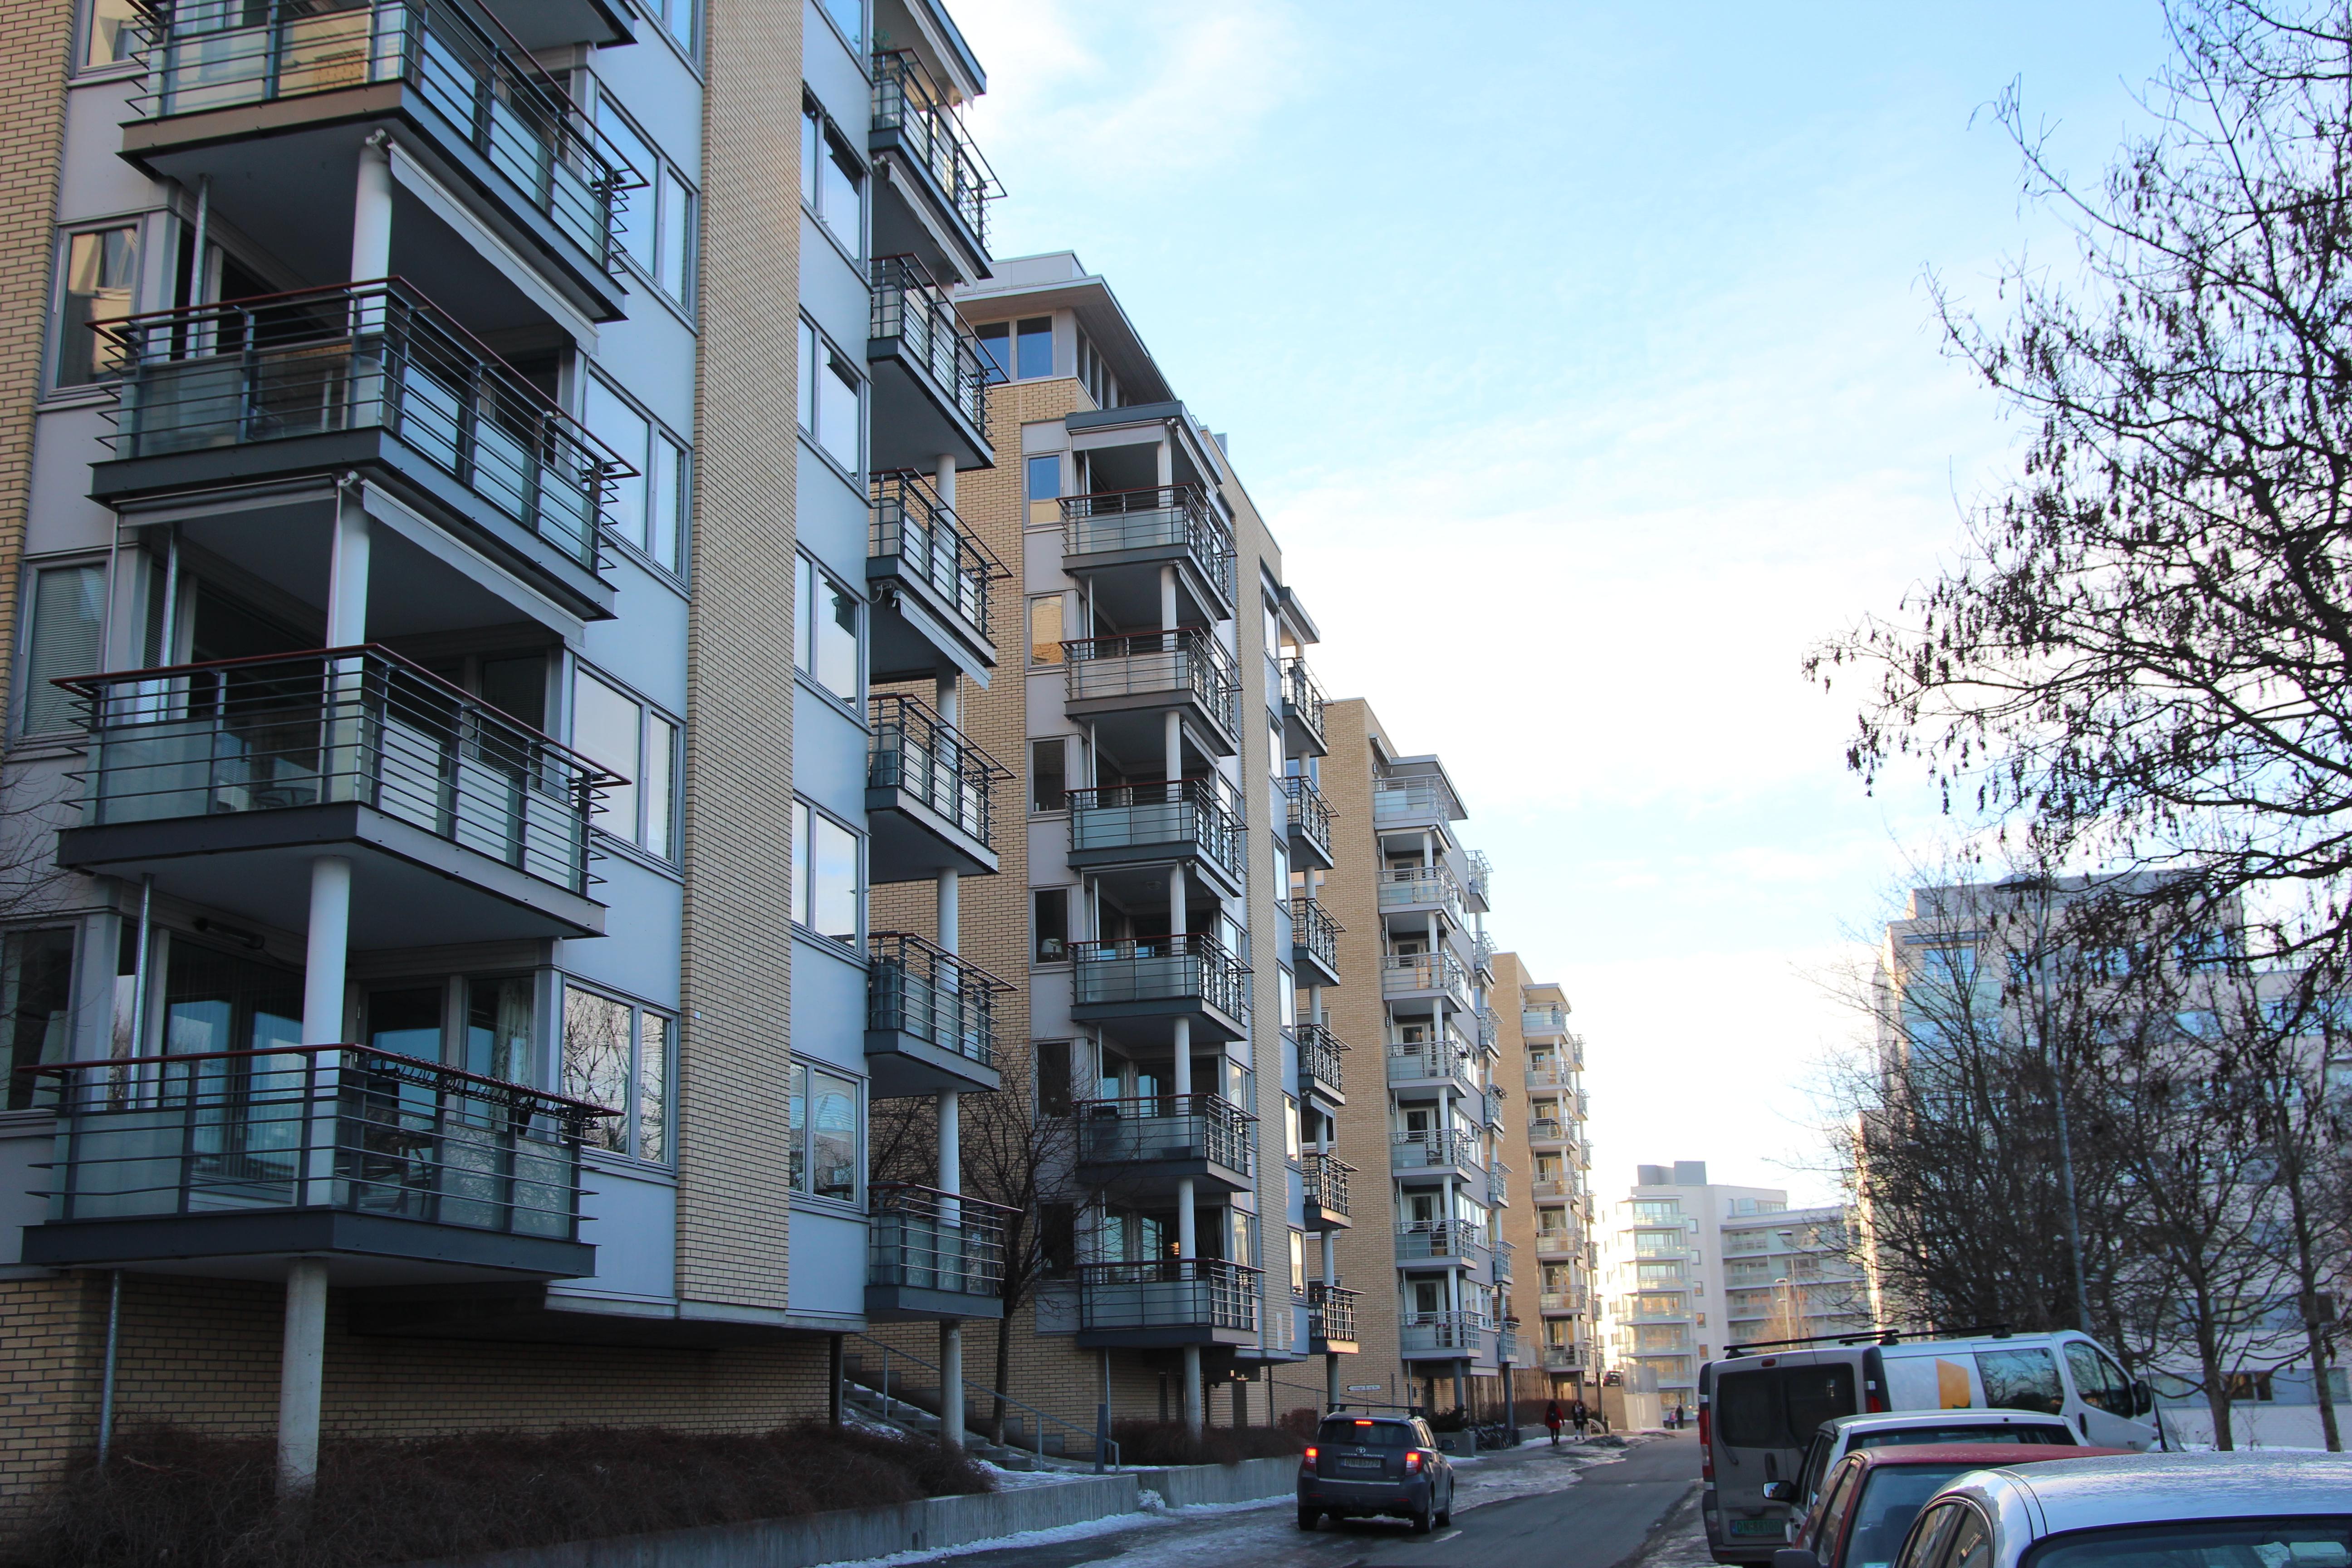 f6cc2137 Kjøp og salg av bolig: Hvem bør forsikre seg?   Huseierne